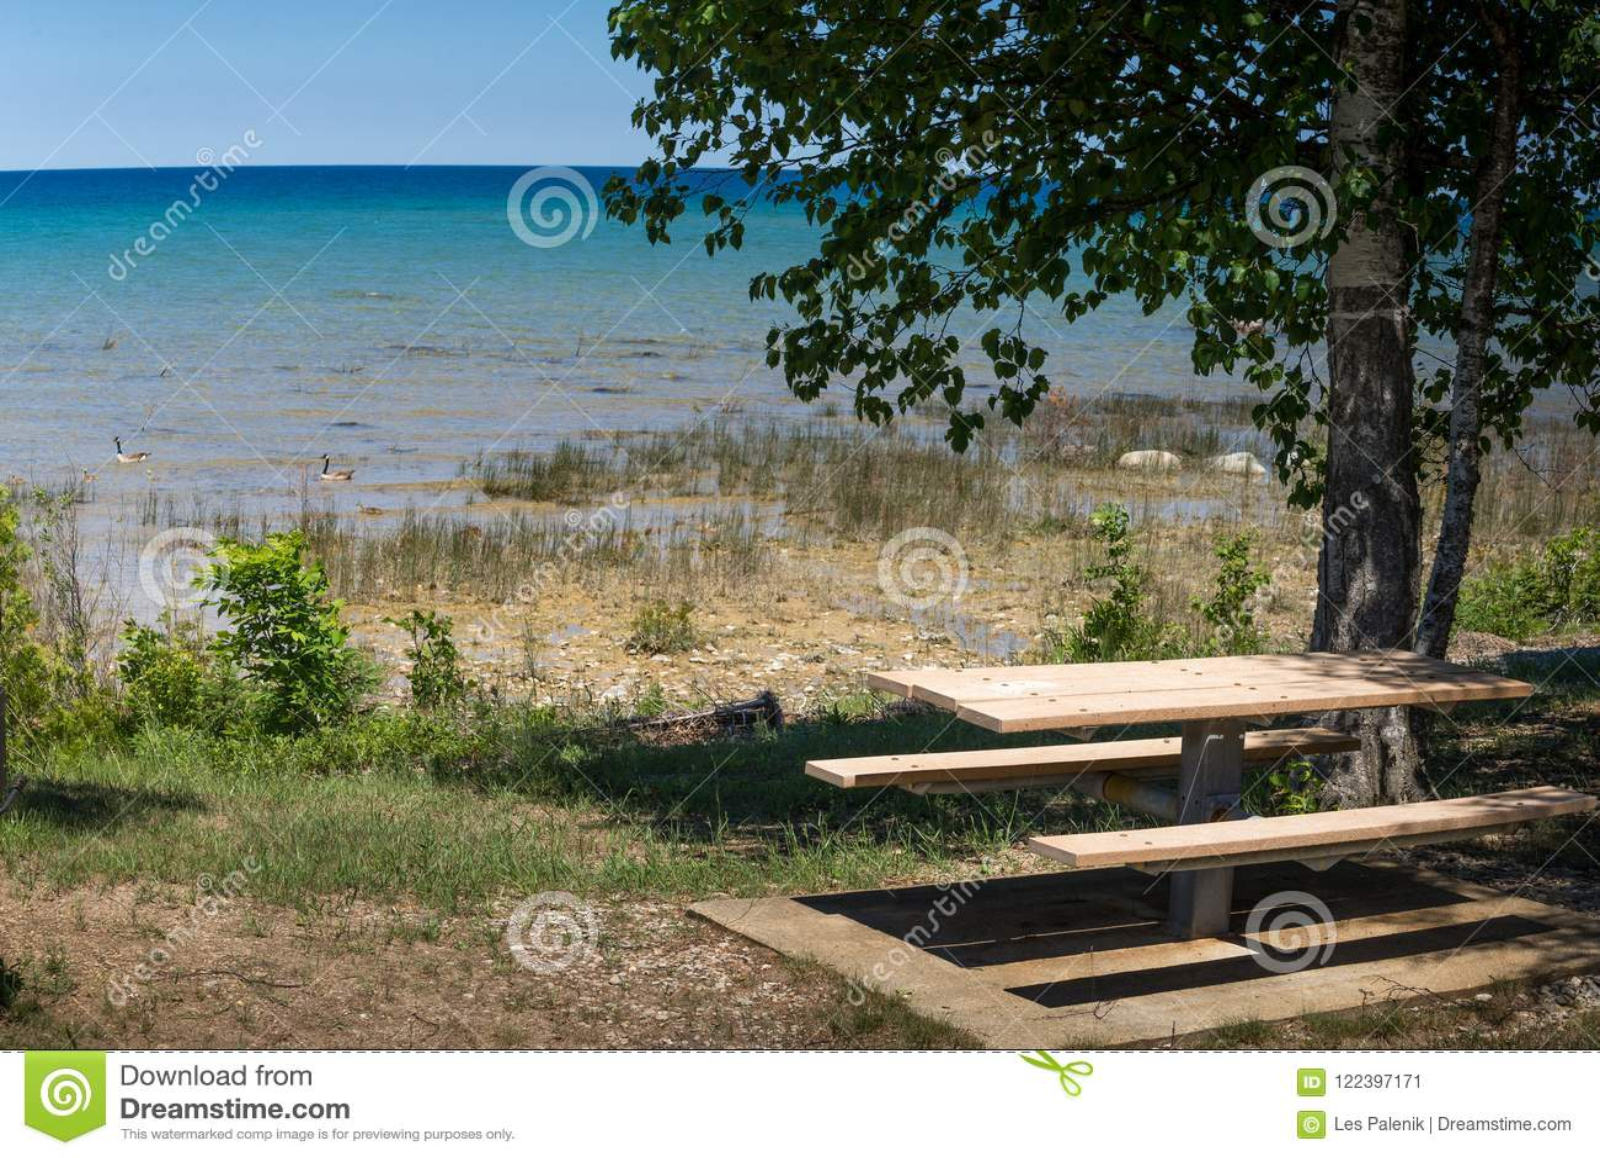 Picnic Table At Lake Michigan Stock Image Image Of Peninsula - Picnic table michigan